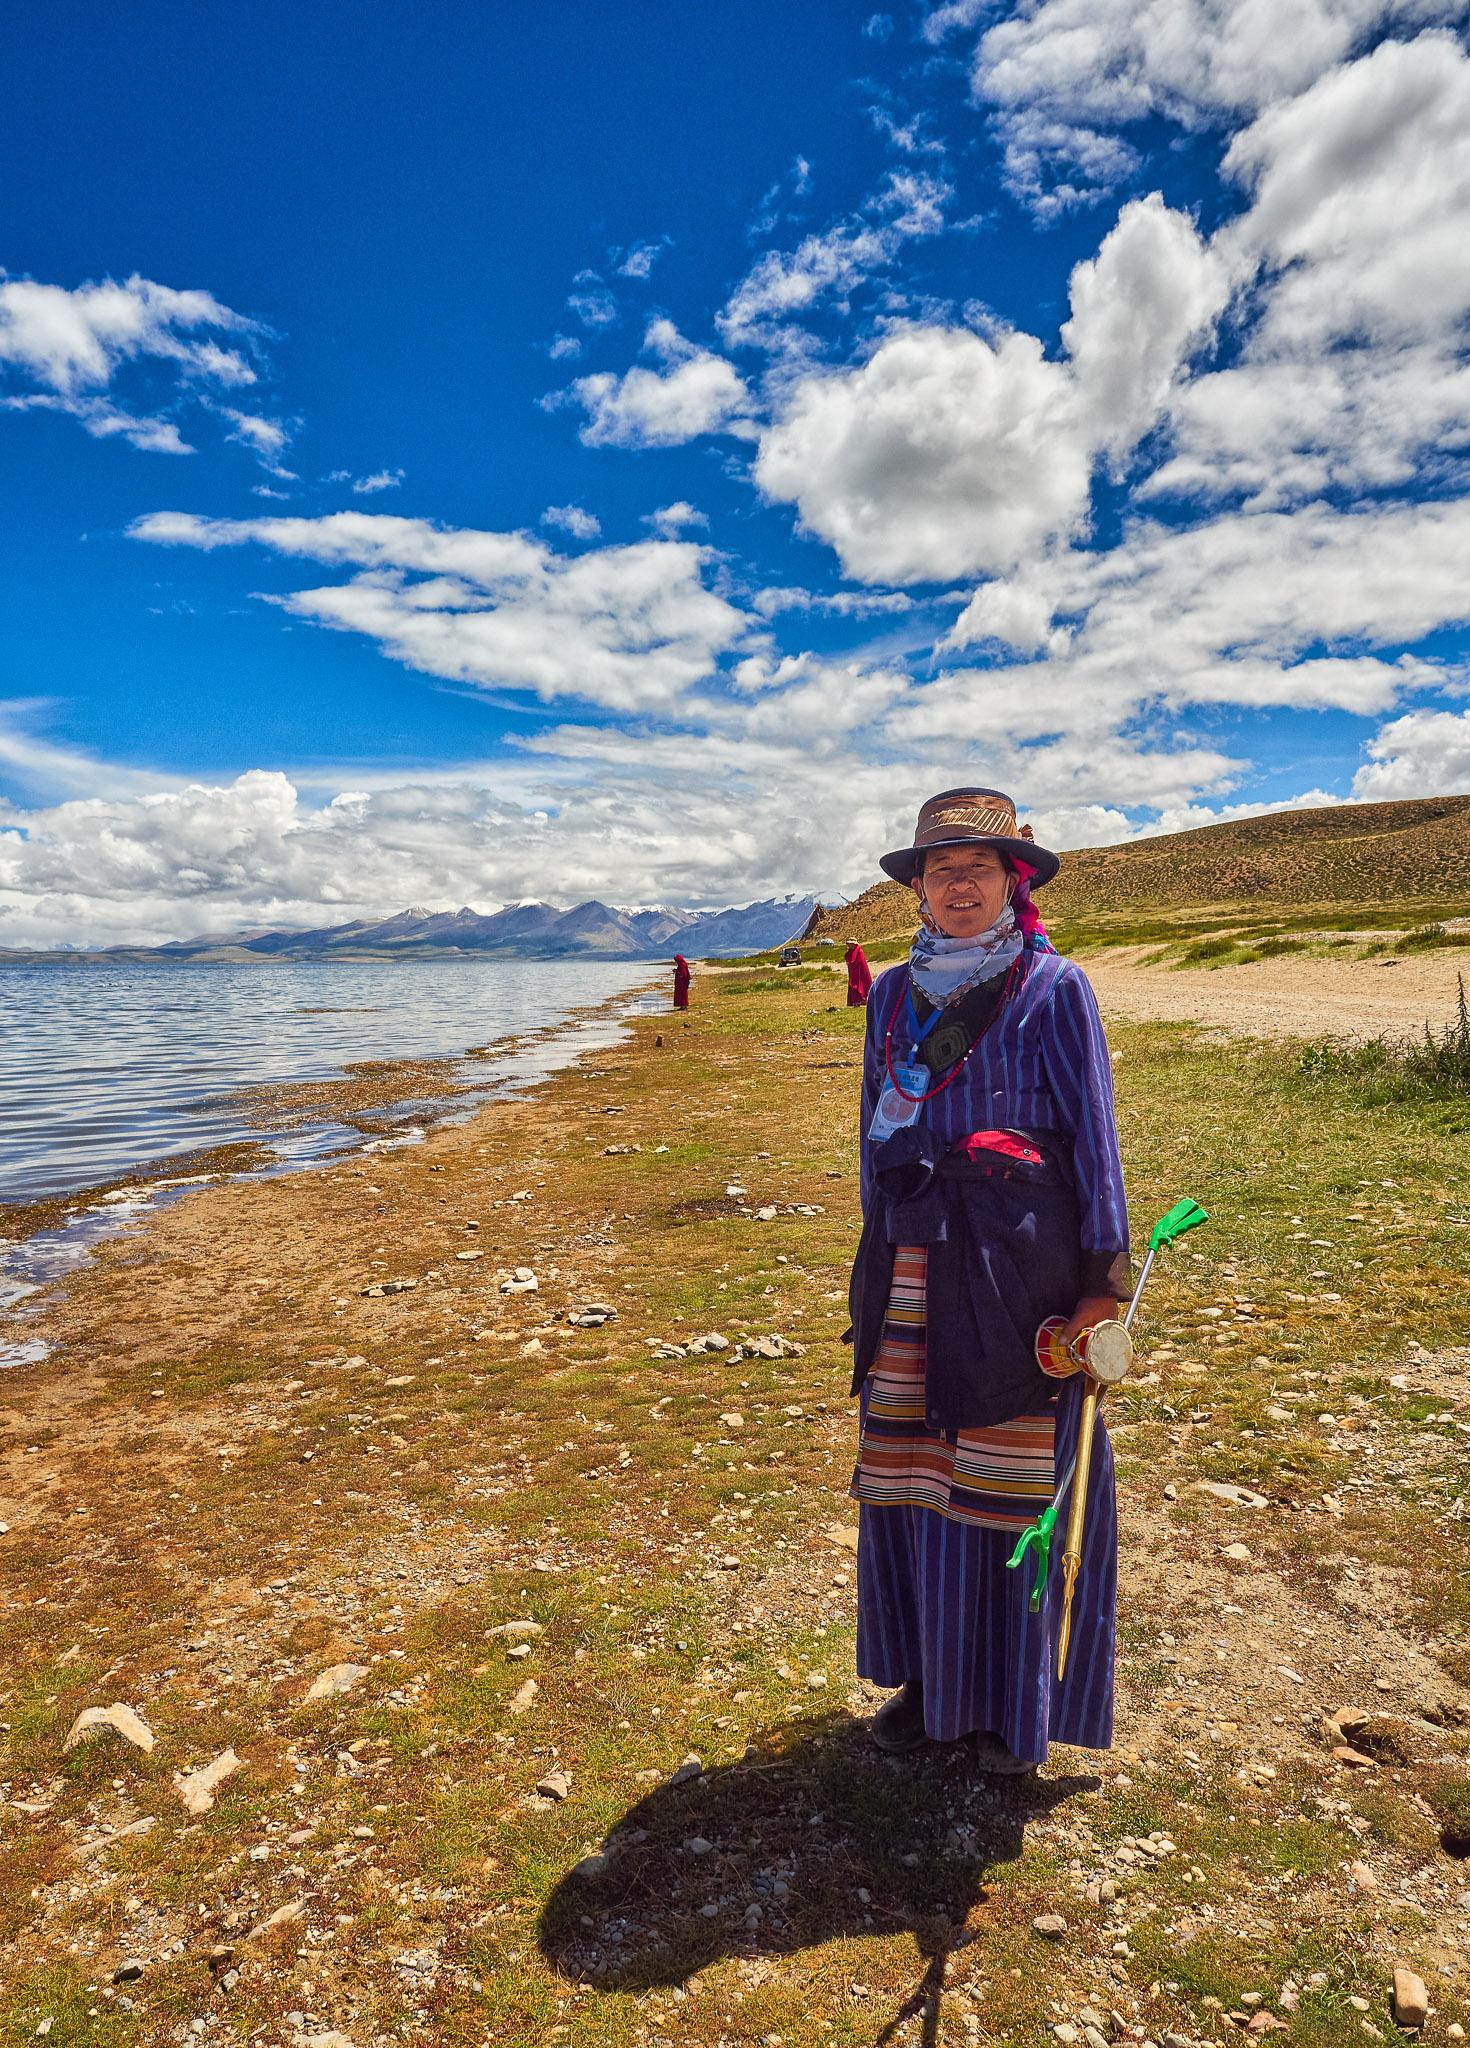 A Tibetan woman at the Lake Manasarovar, Himalayas, Tibet